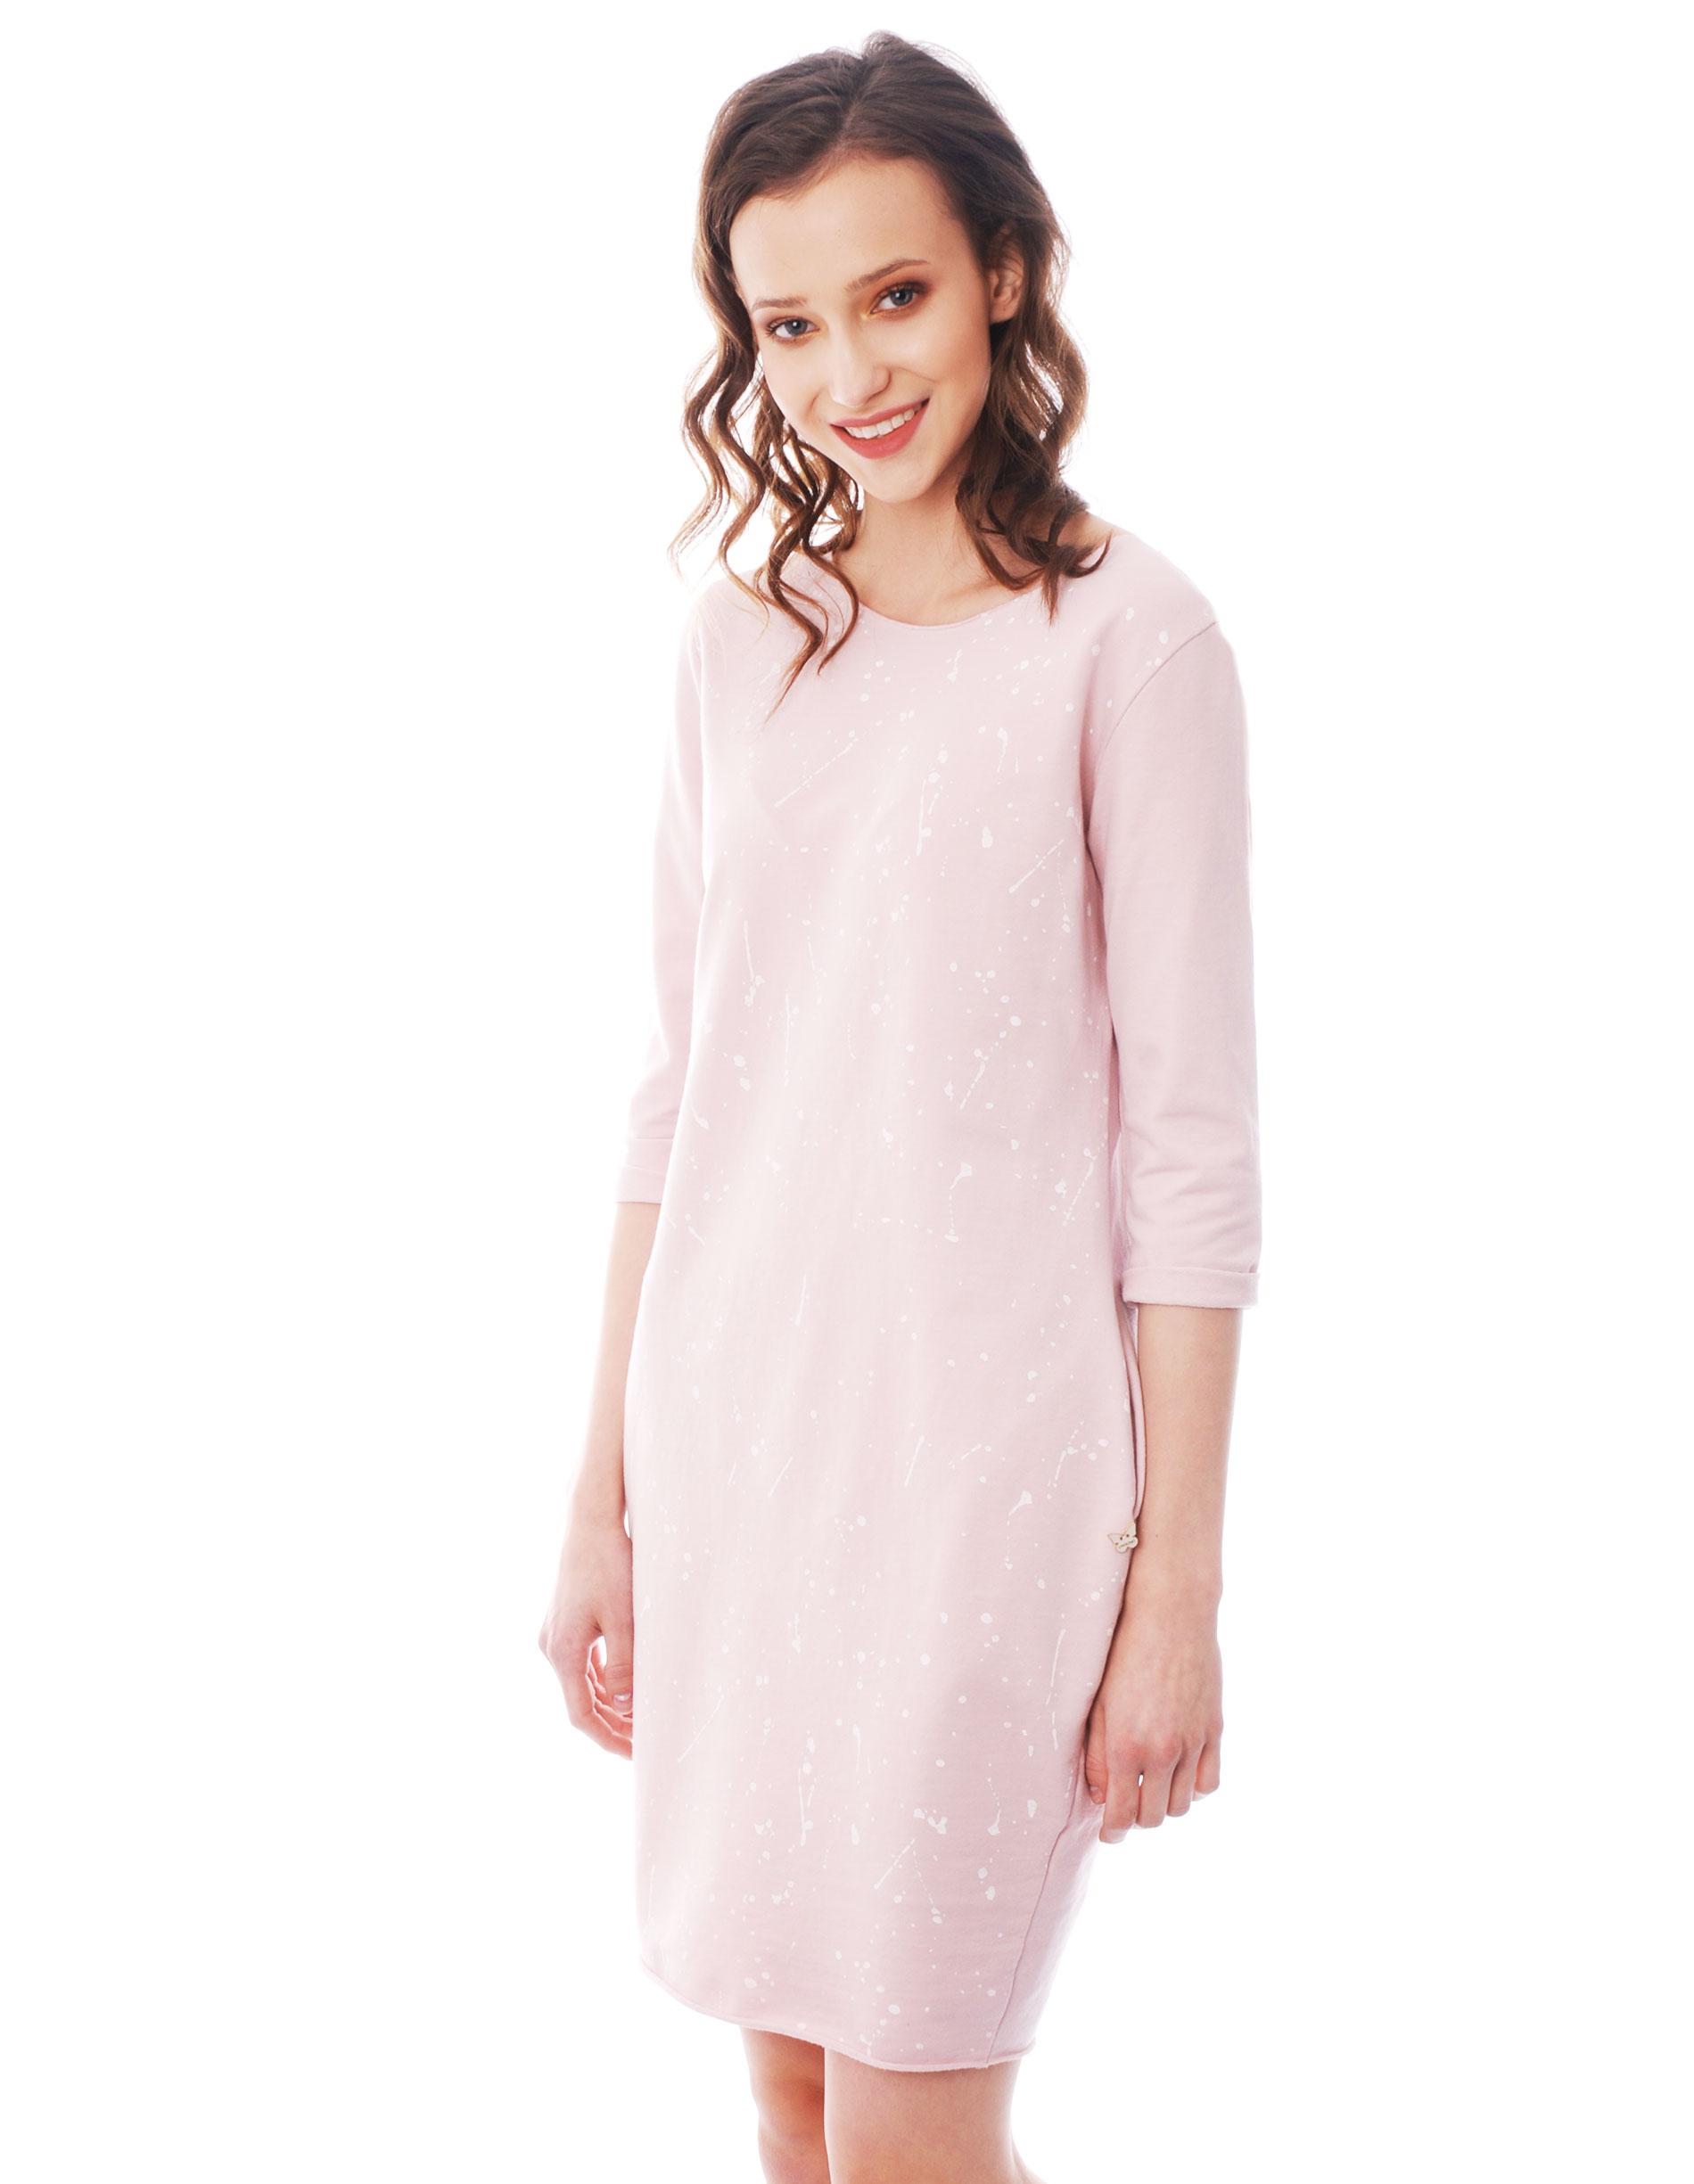 Sukienka - 18-4873 ROSA - Unisono